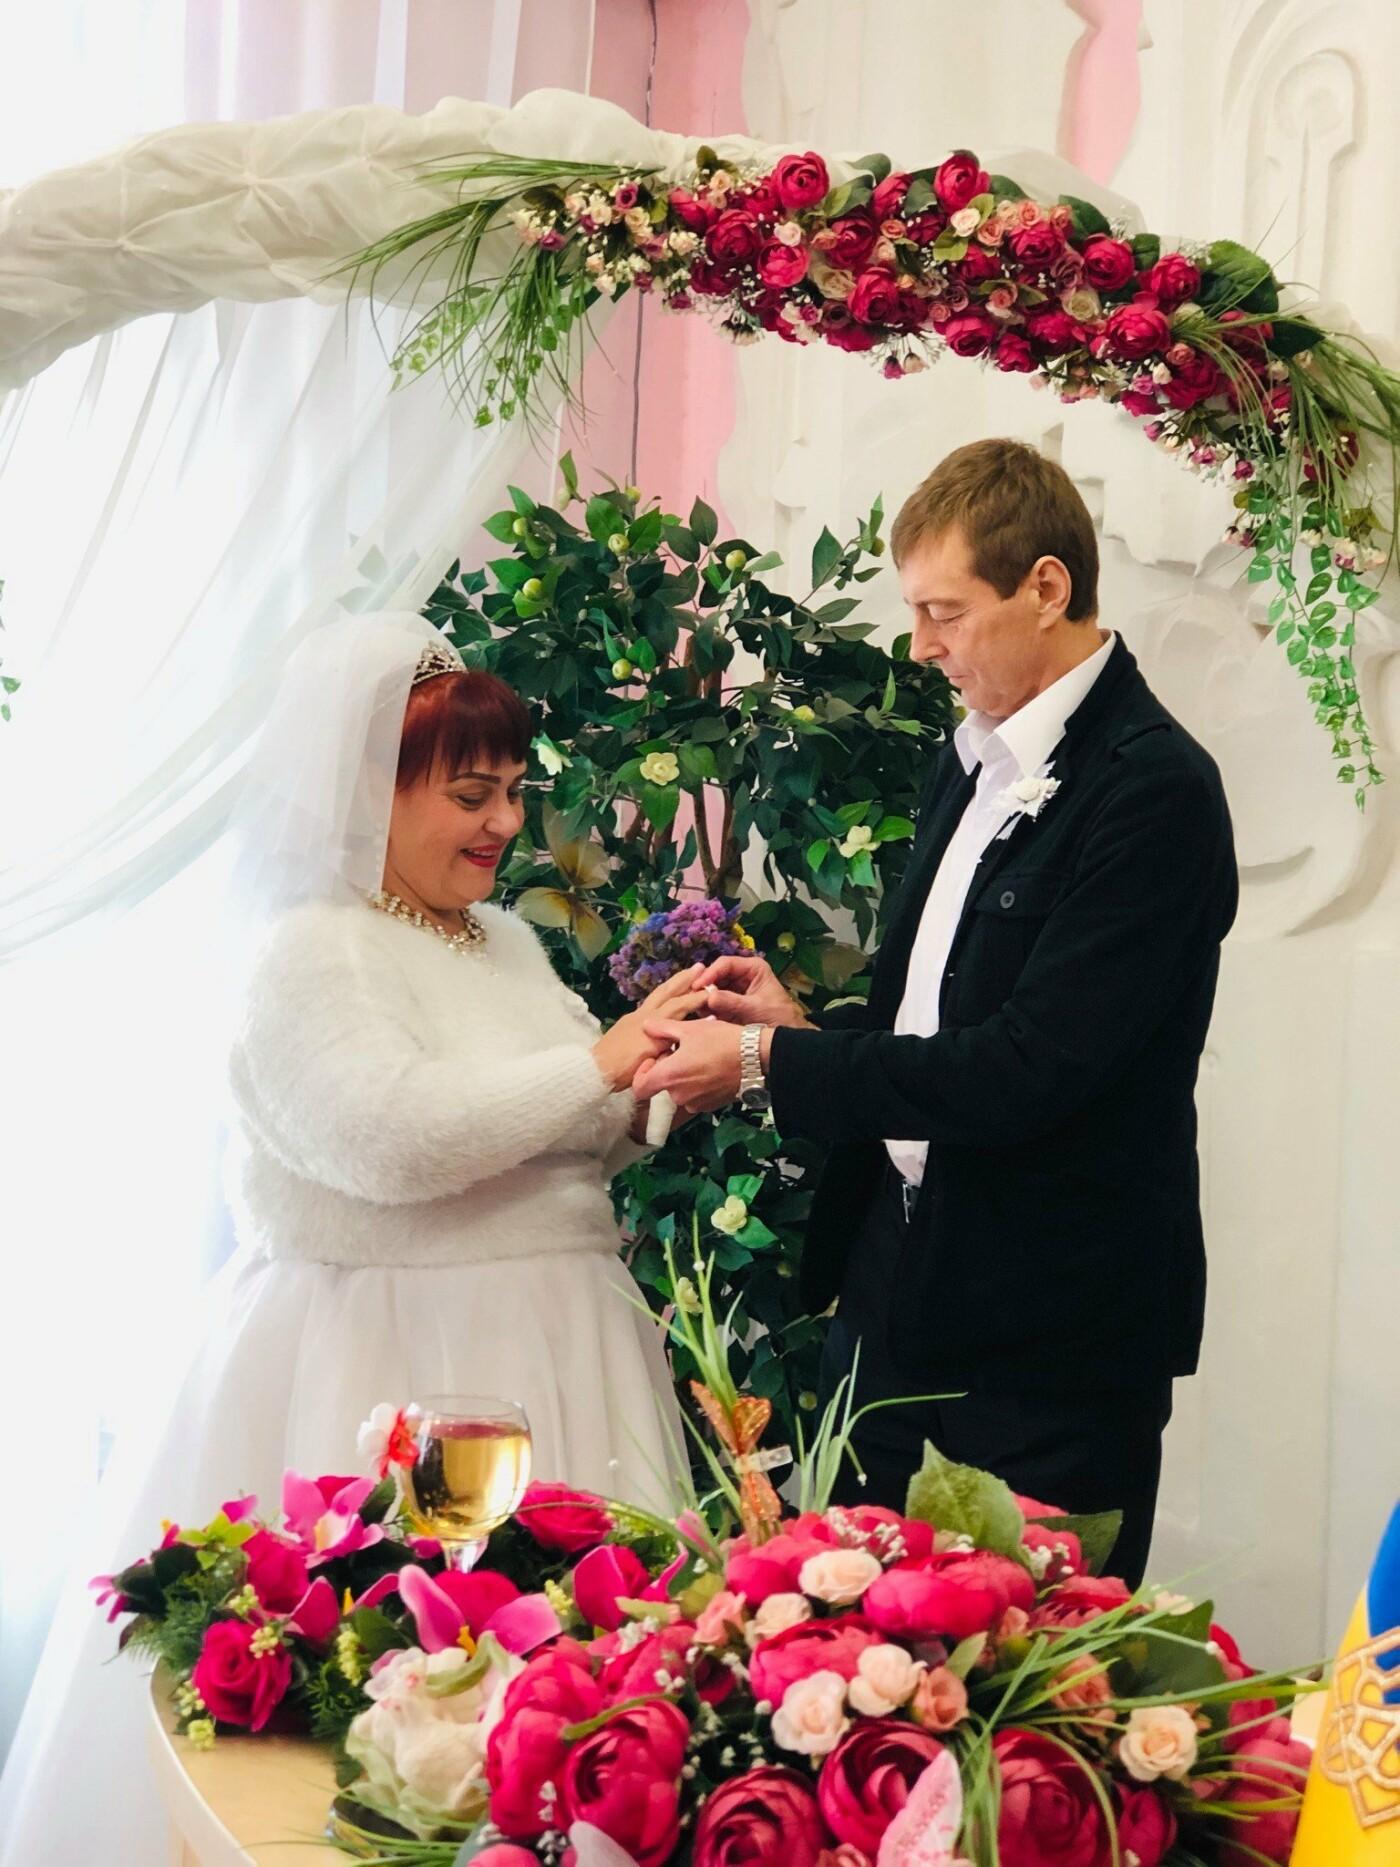 Невероятная love story в Кривом Роге: влюбленные, которых в юности пытались разлучить, сыграли свадьбу 40 лет спустя, - ФОТО, фото-6